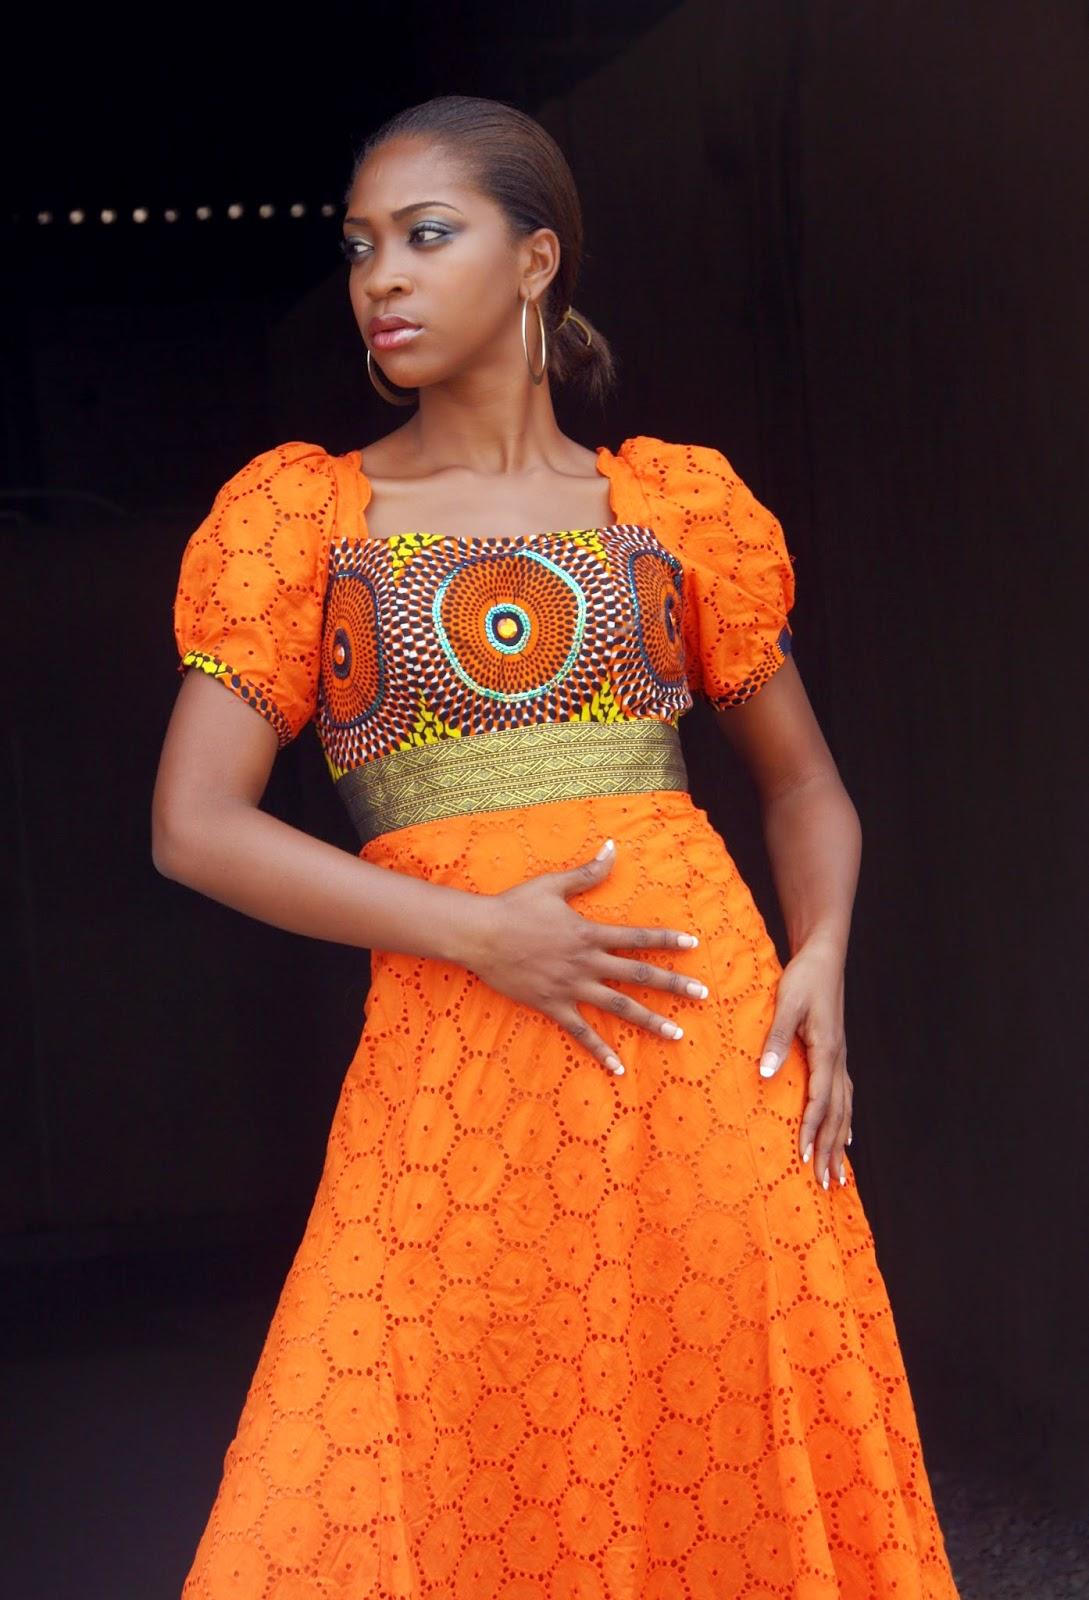 Amazingly & Cute Kitenge Styles For Women - Reny styles